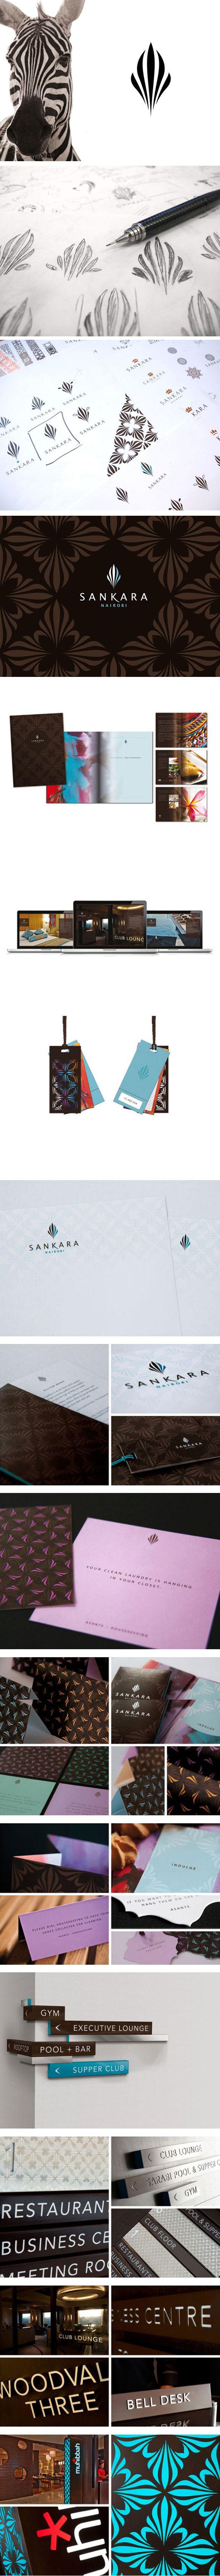 Sankara 酒店形象设计(原图尺寸:581x6793px)